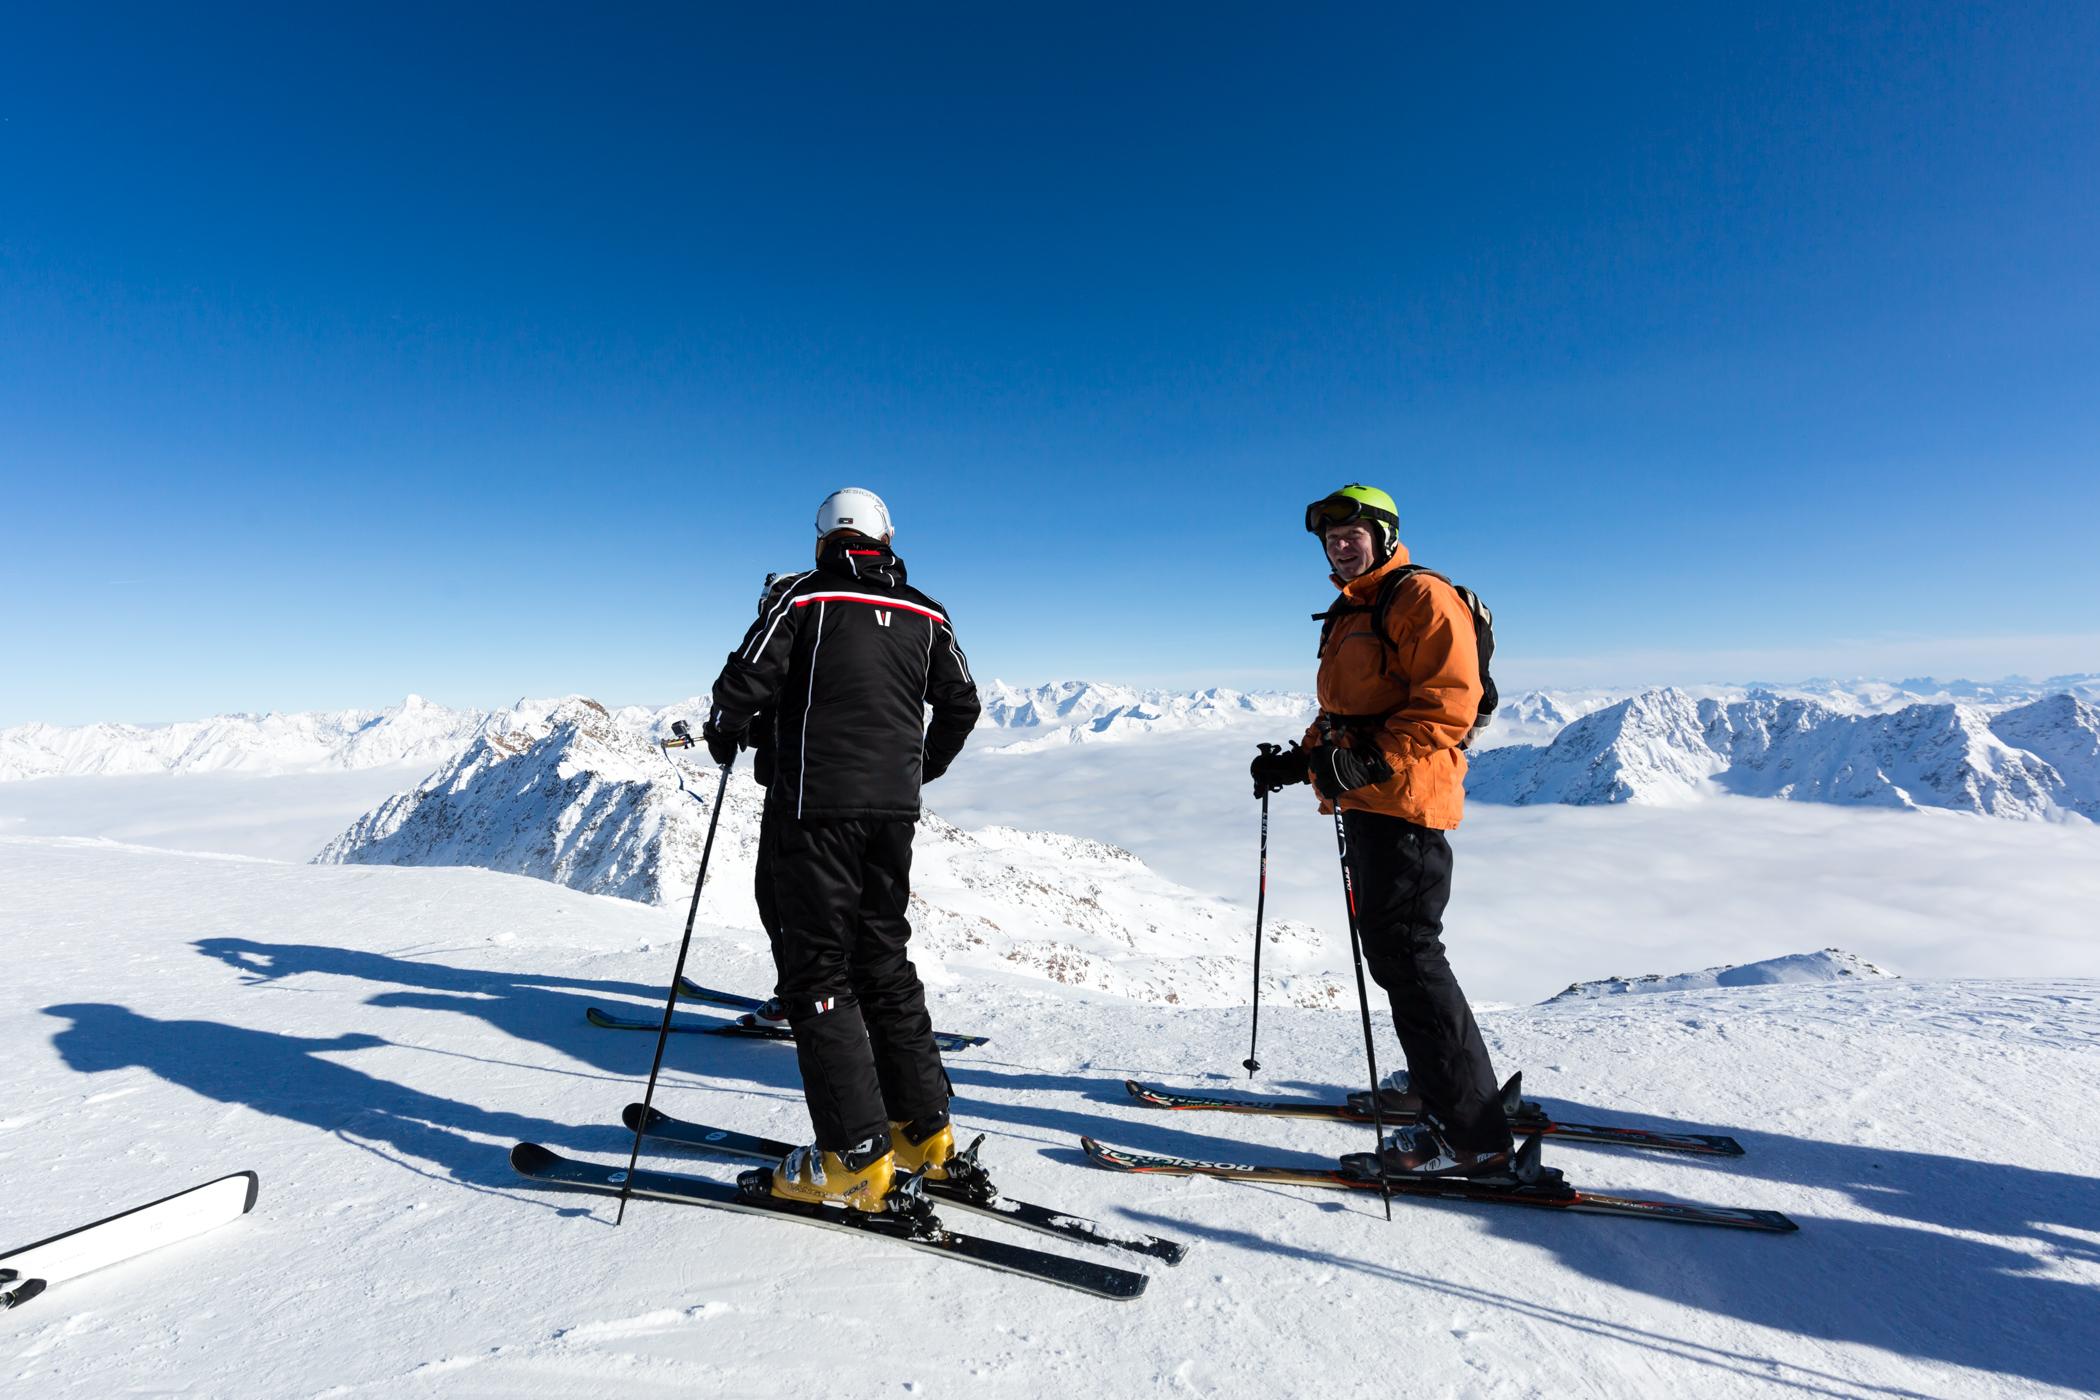 Højtbeliggende skisportssteder